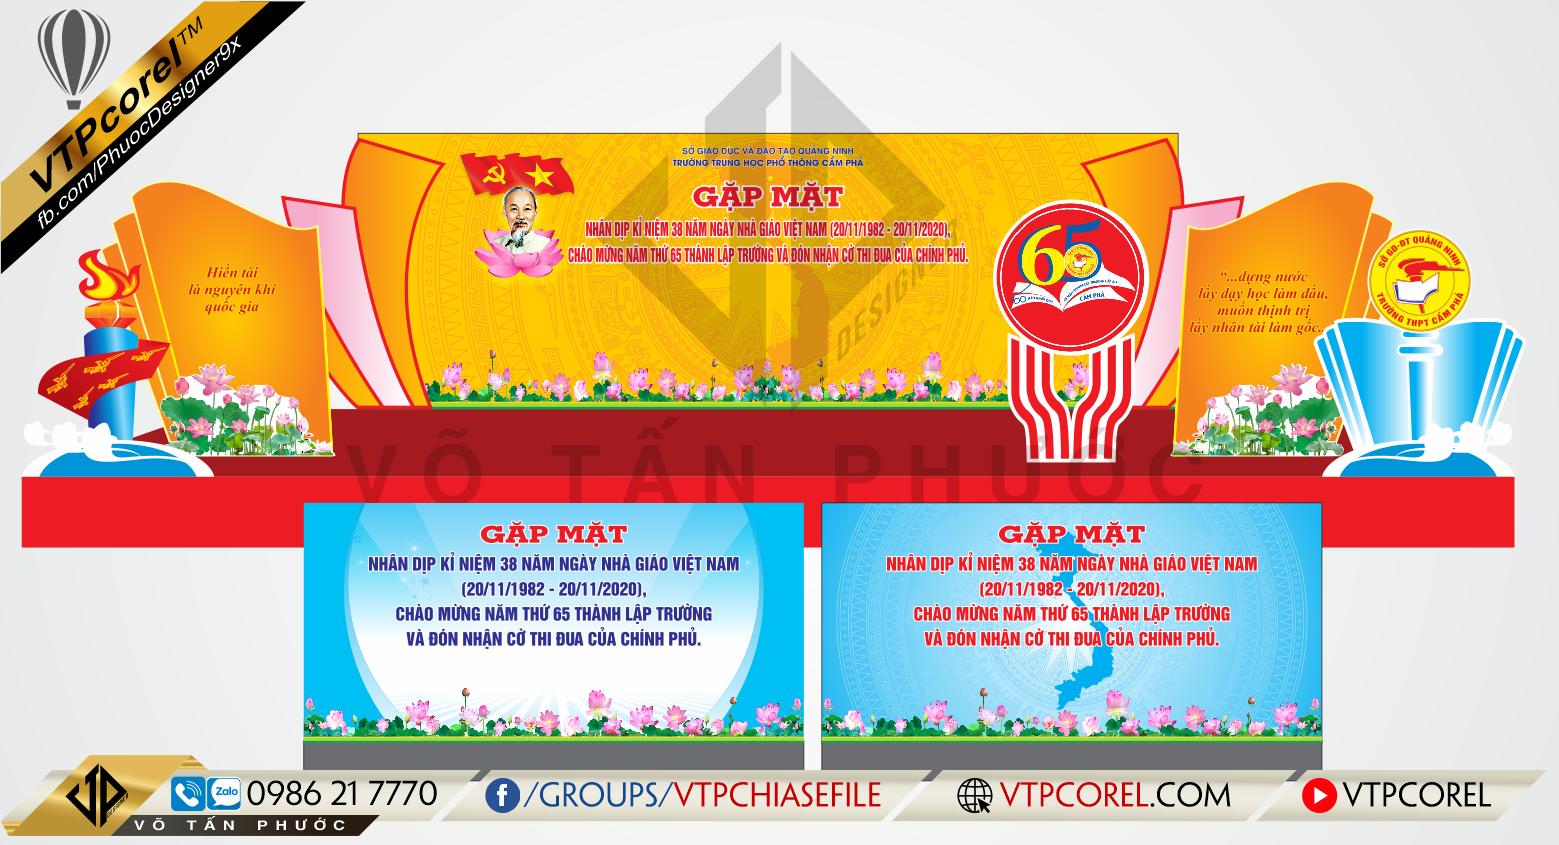 Trang trí sân khấu Văn nghệ ngày nhà giáo Việt Nam 20-11